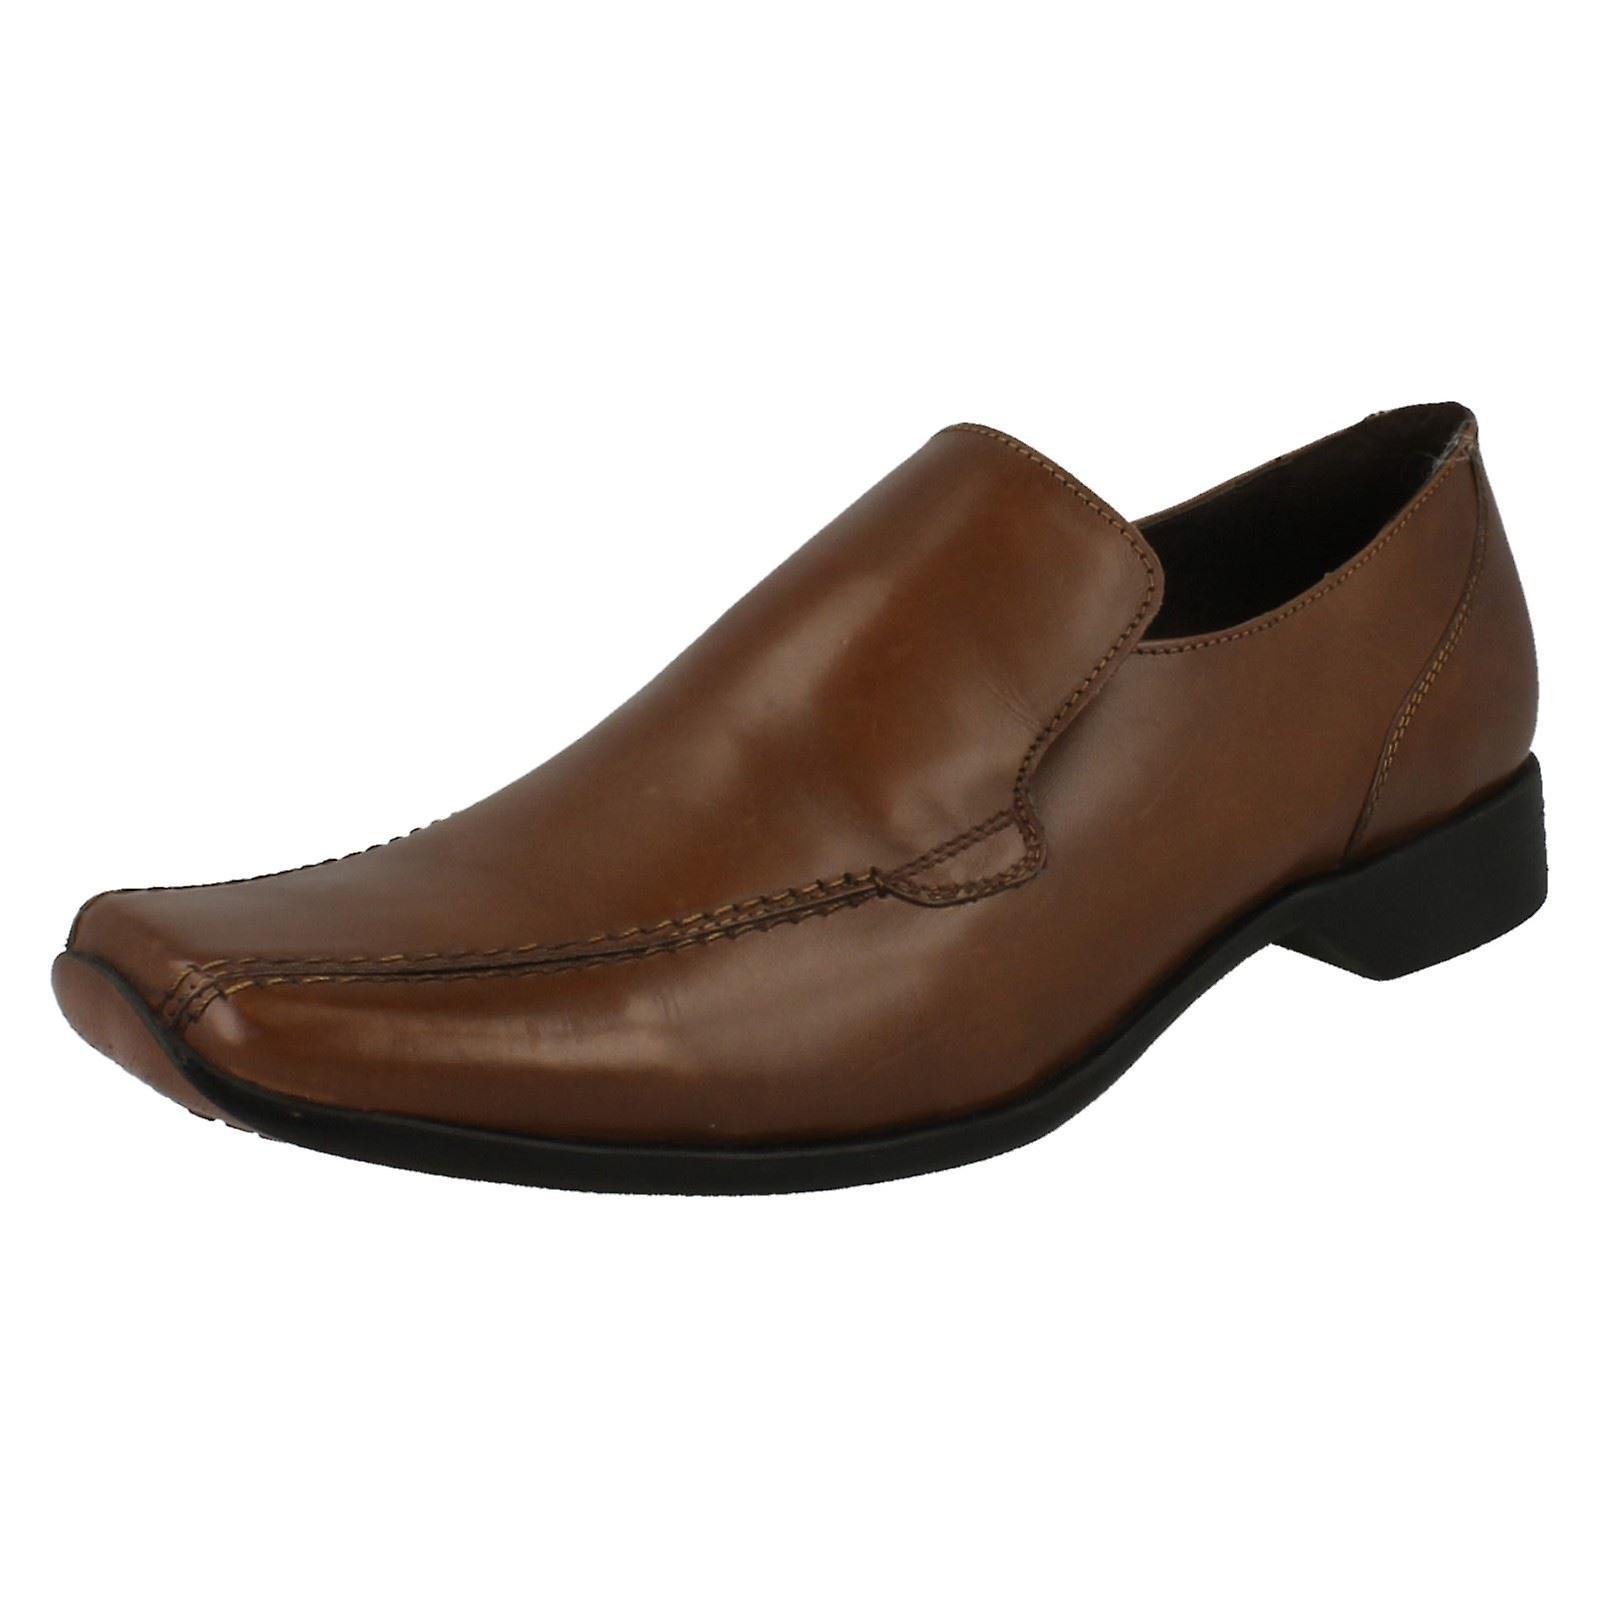 0e0710afe21 Mens Maverick Low Heel Formal Shoes